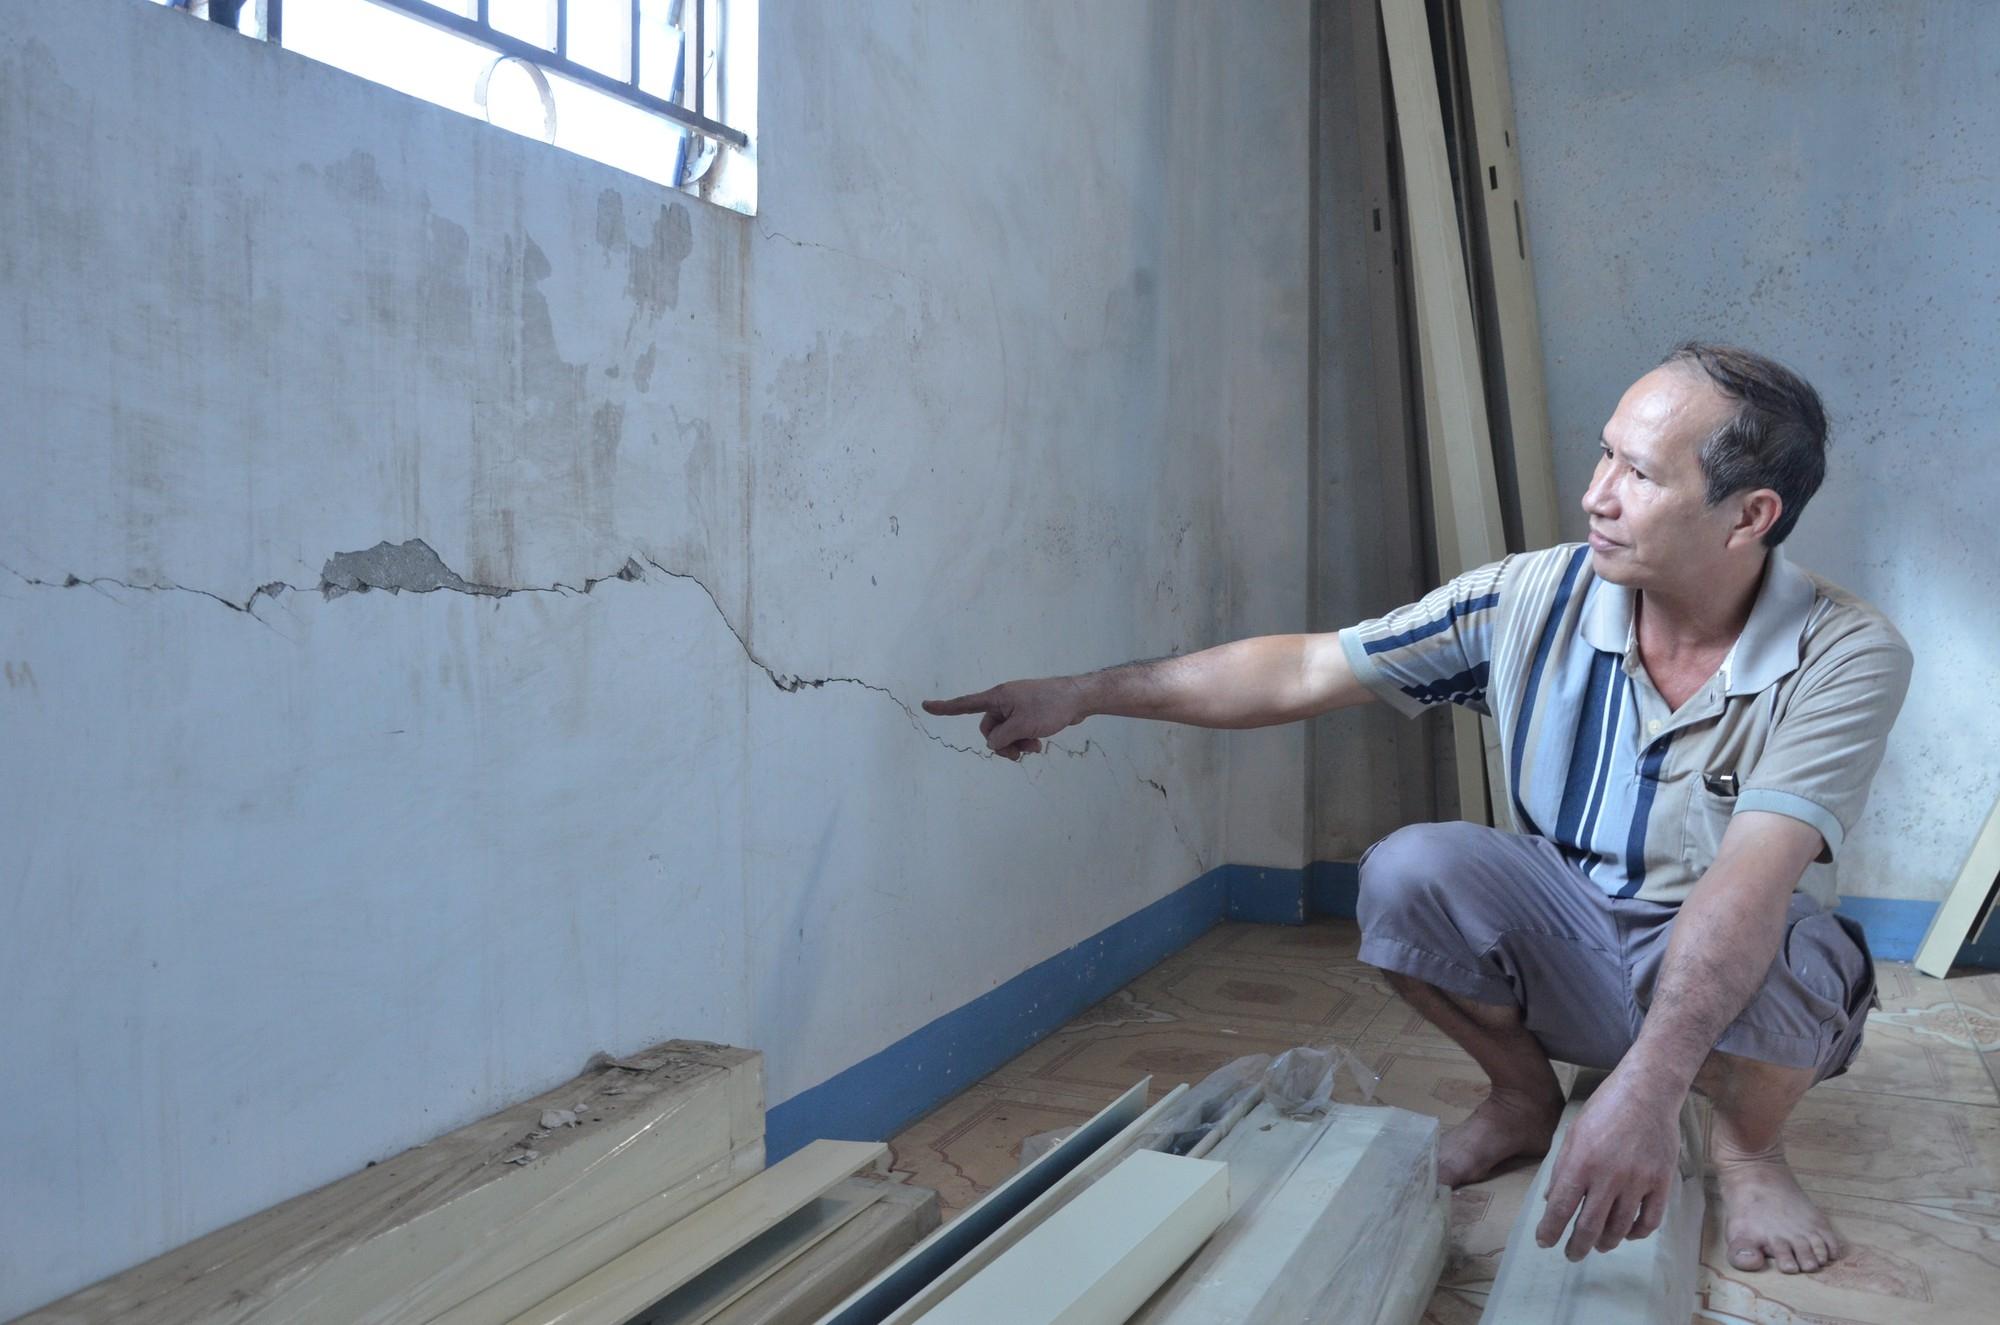 Dân tố công ty điện lực làm nứt nhà, đền bù giá bèo - Ảnh 1.